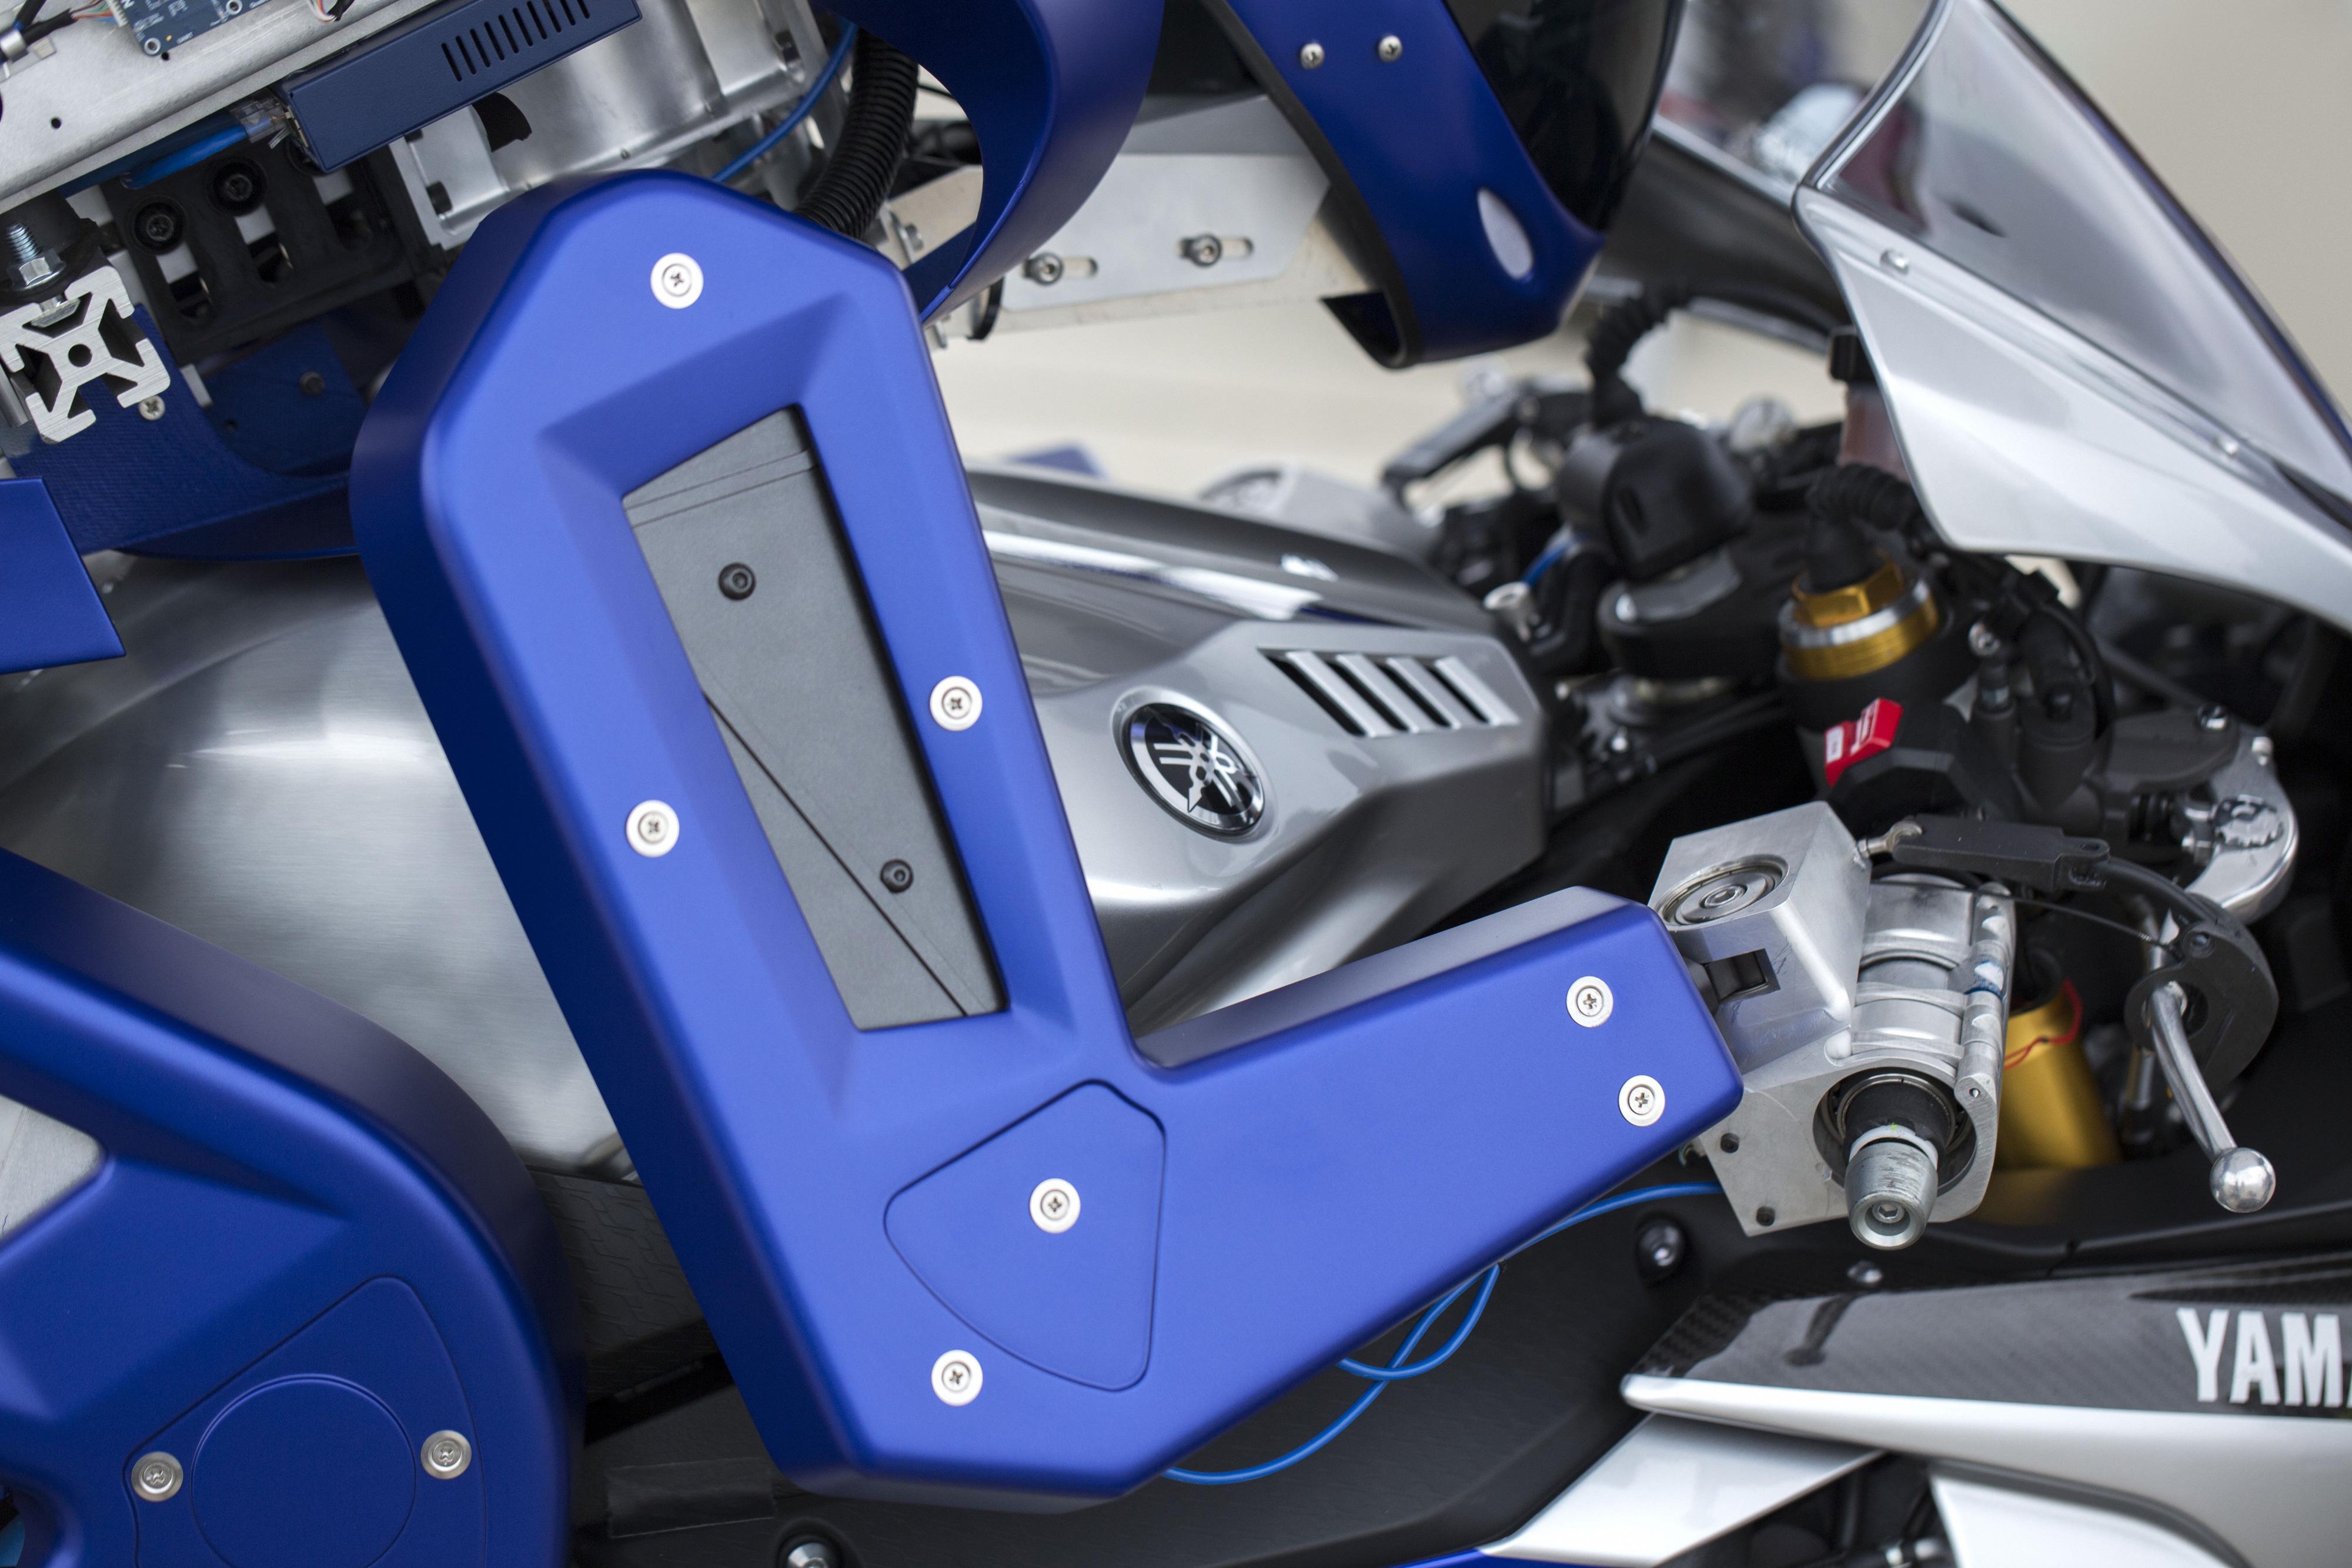 Meet the Yamaha Motobot